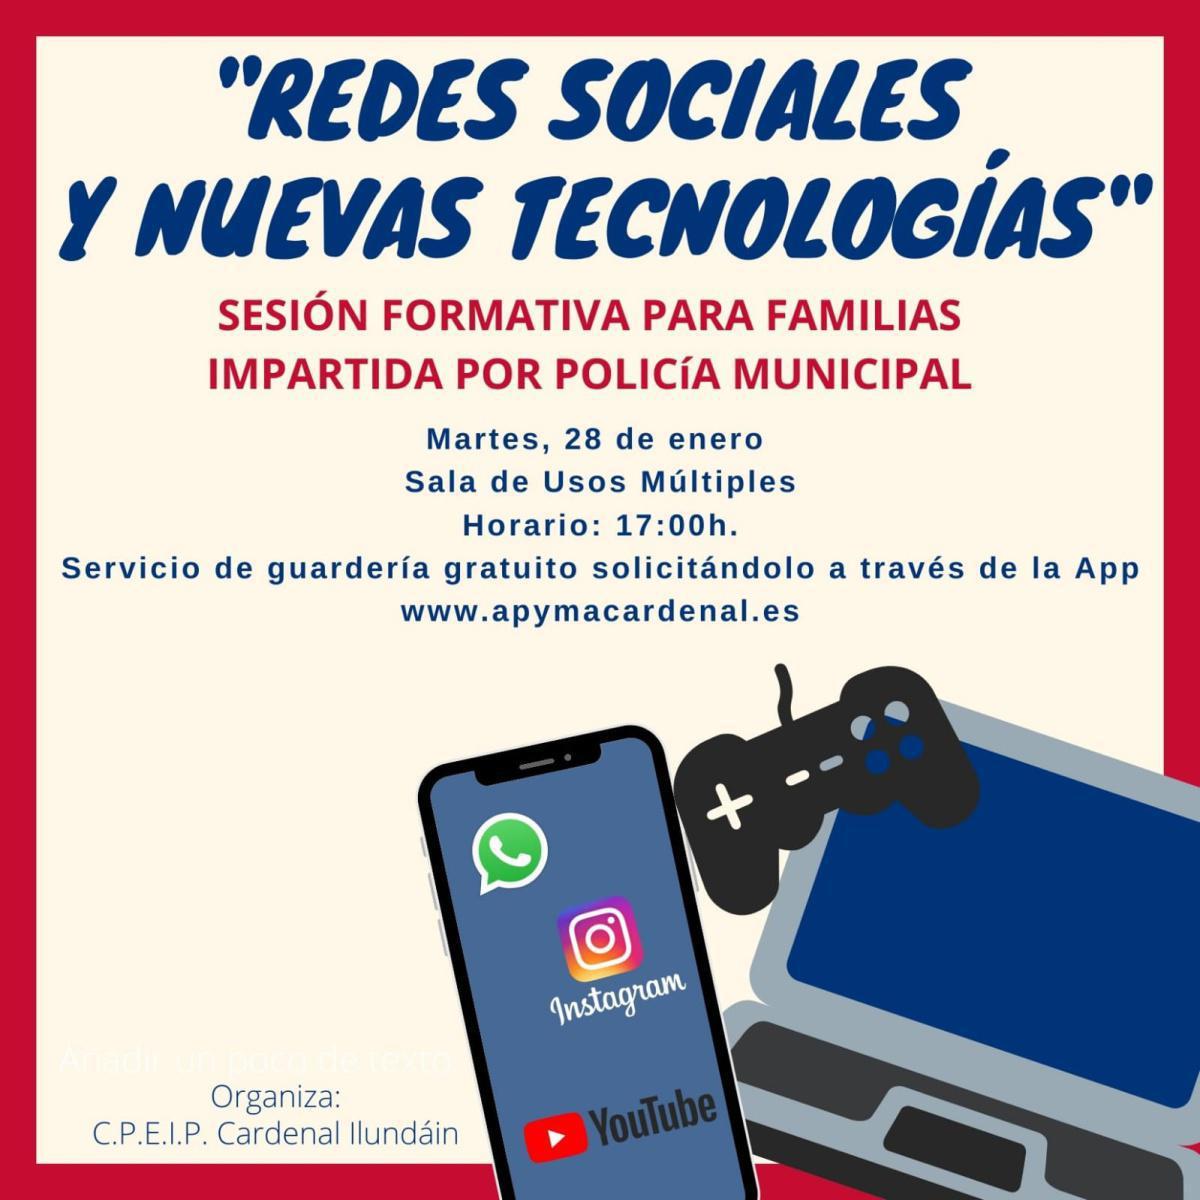 Redes sociales y nuevas tecnologías